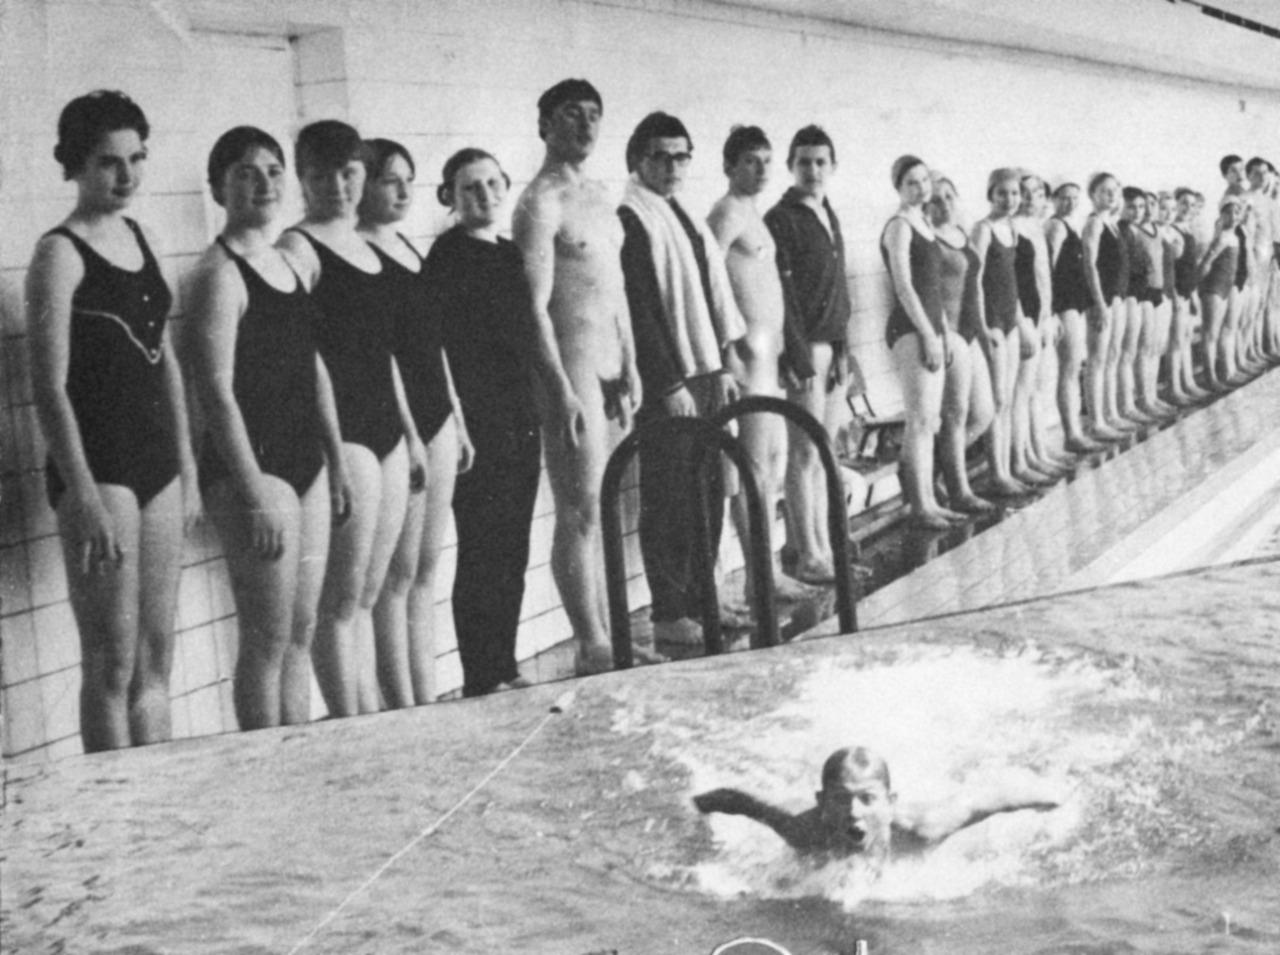 high school nude swim meets